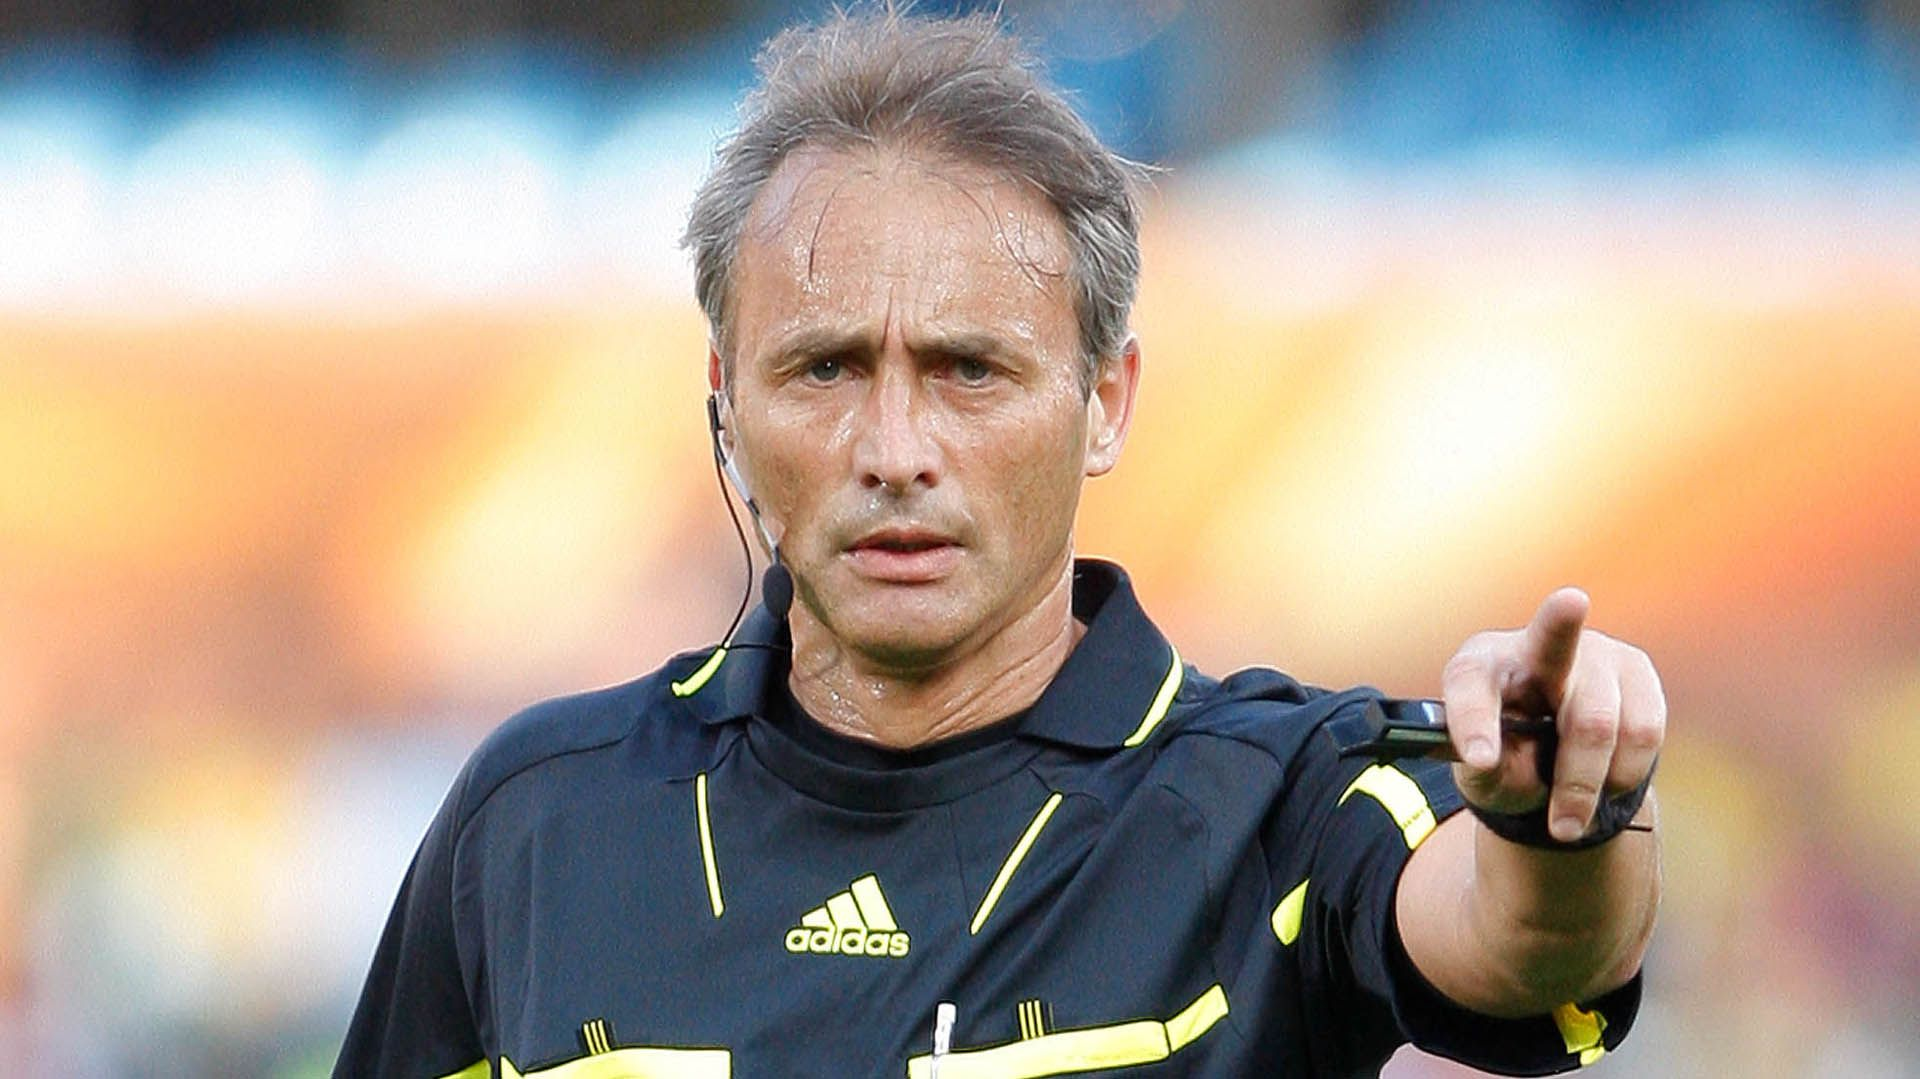 Héctor Baldassi durante fue árbitro entre 1997 y 2011